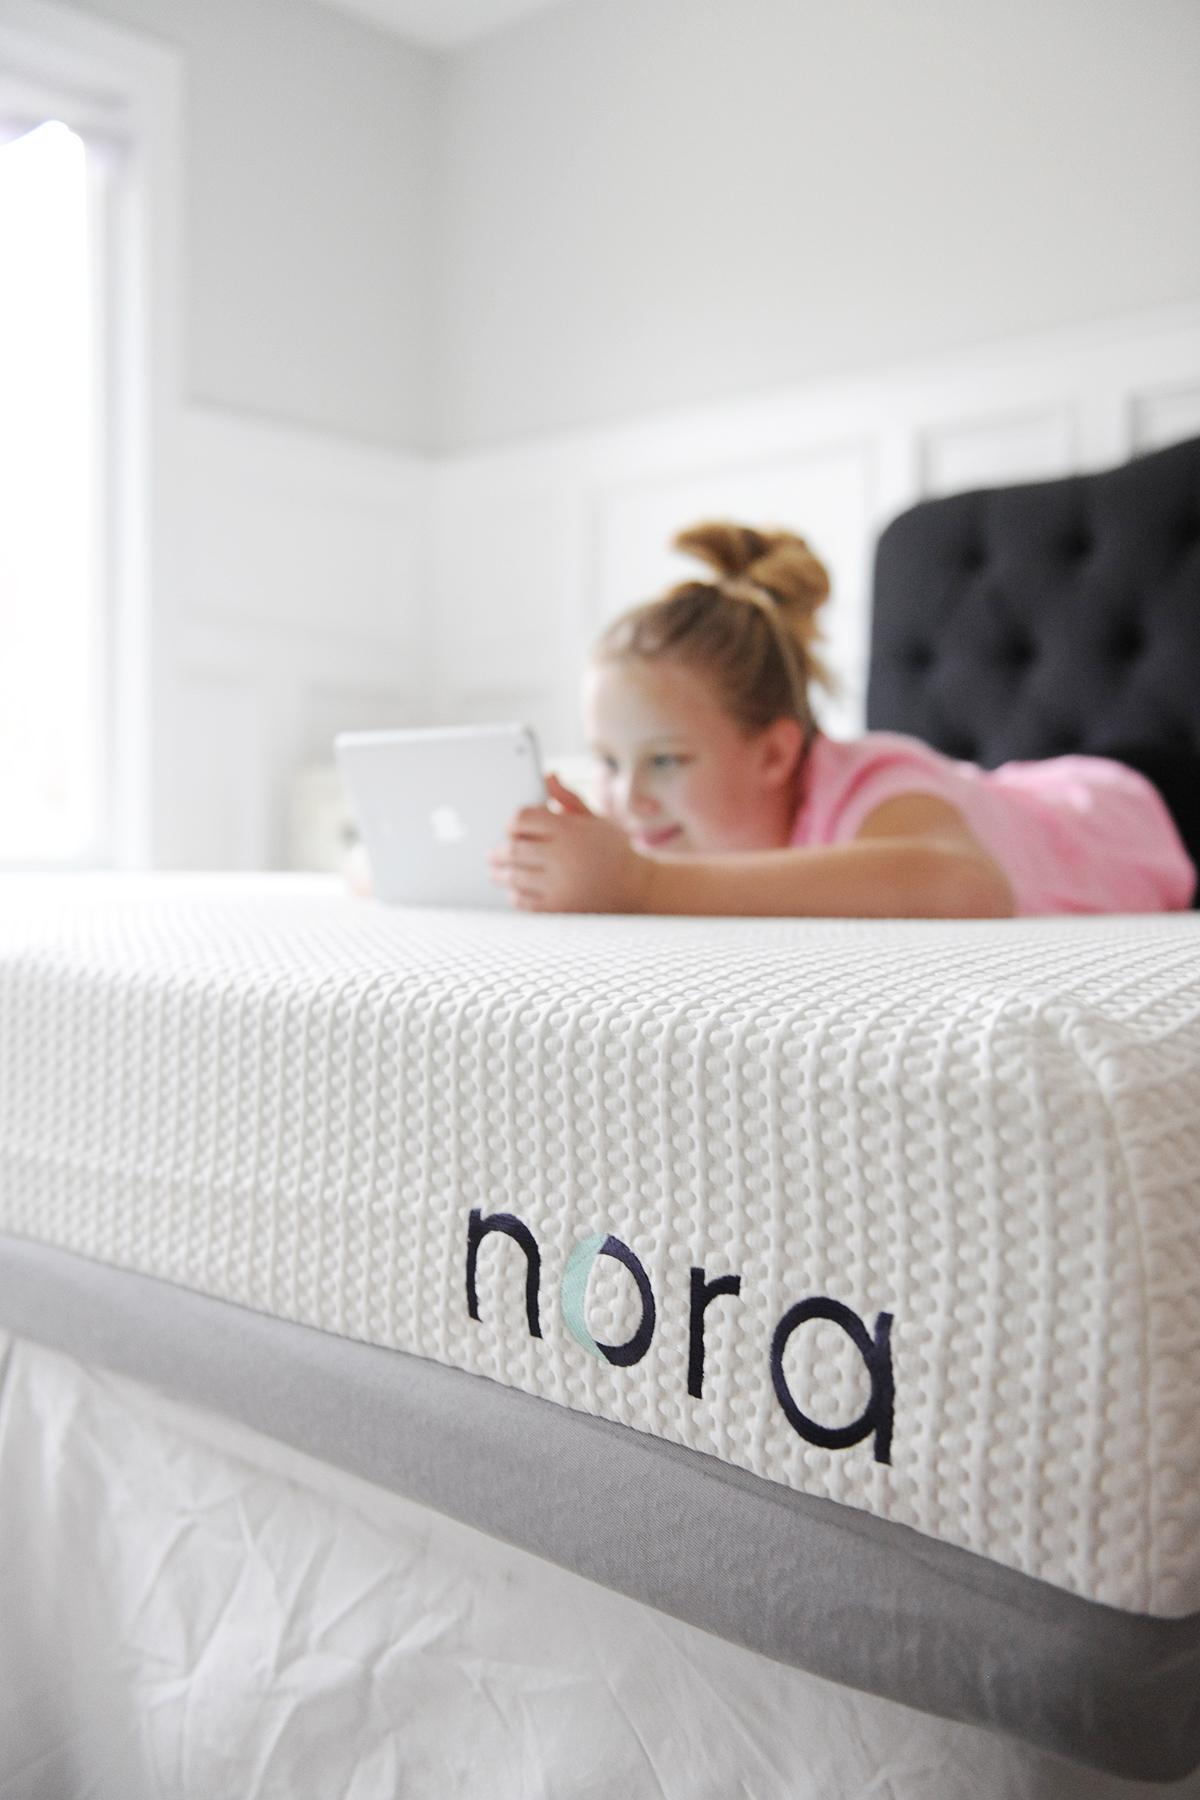 Nora Mattress Review